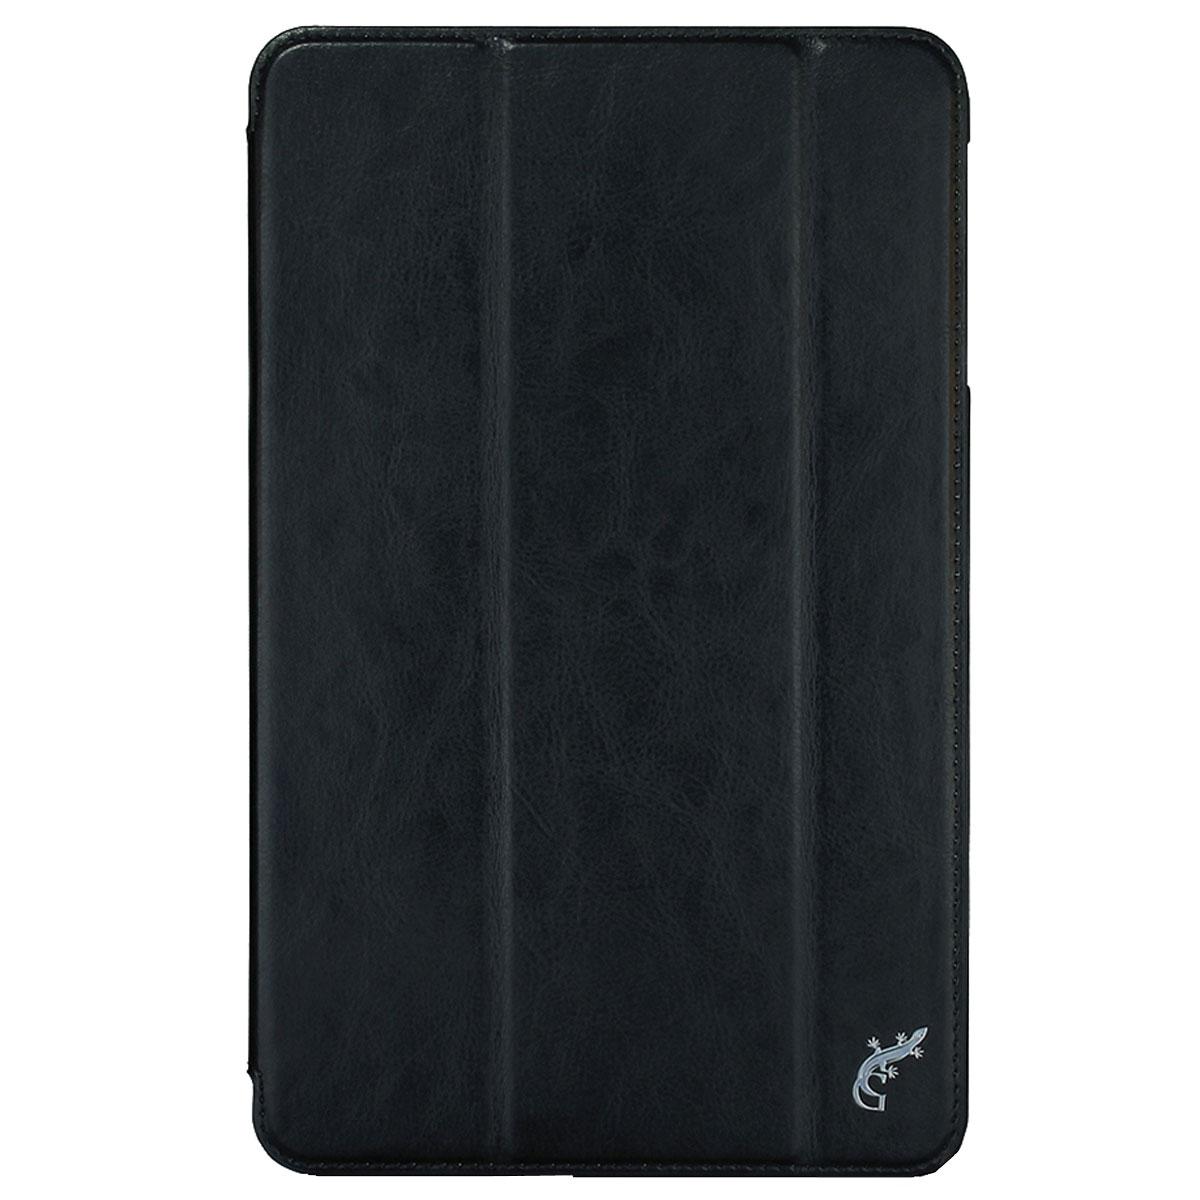 G-Case Slim Premium чехол для Samsung Galaxy Tab Е 9.6, Black g case slim premium чехол для samsung galaxy s8 black